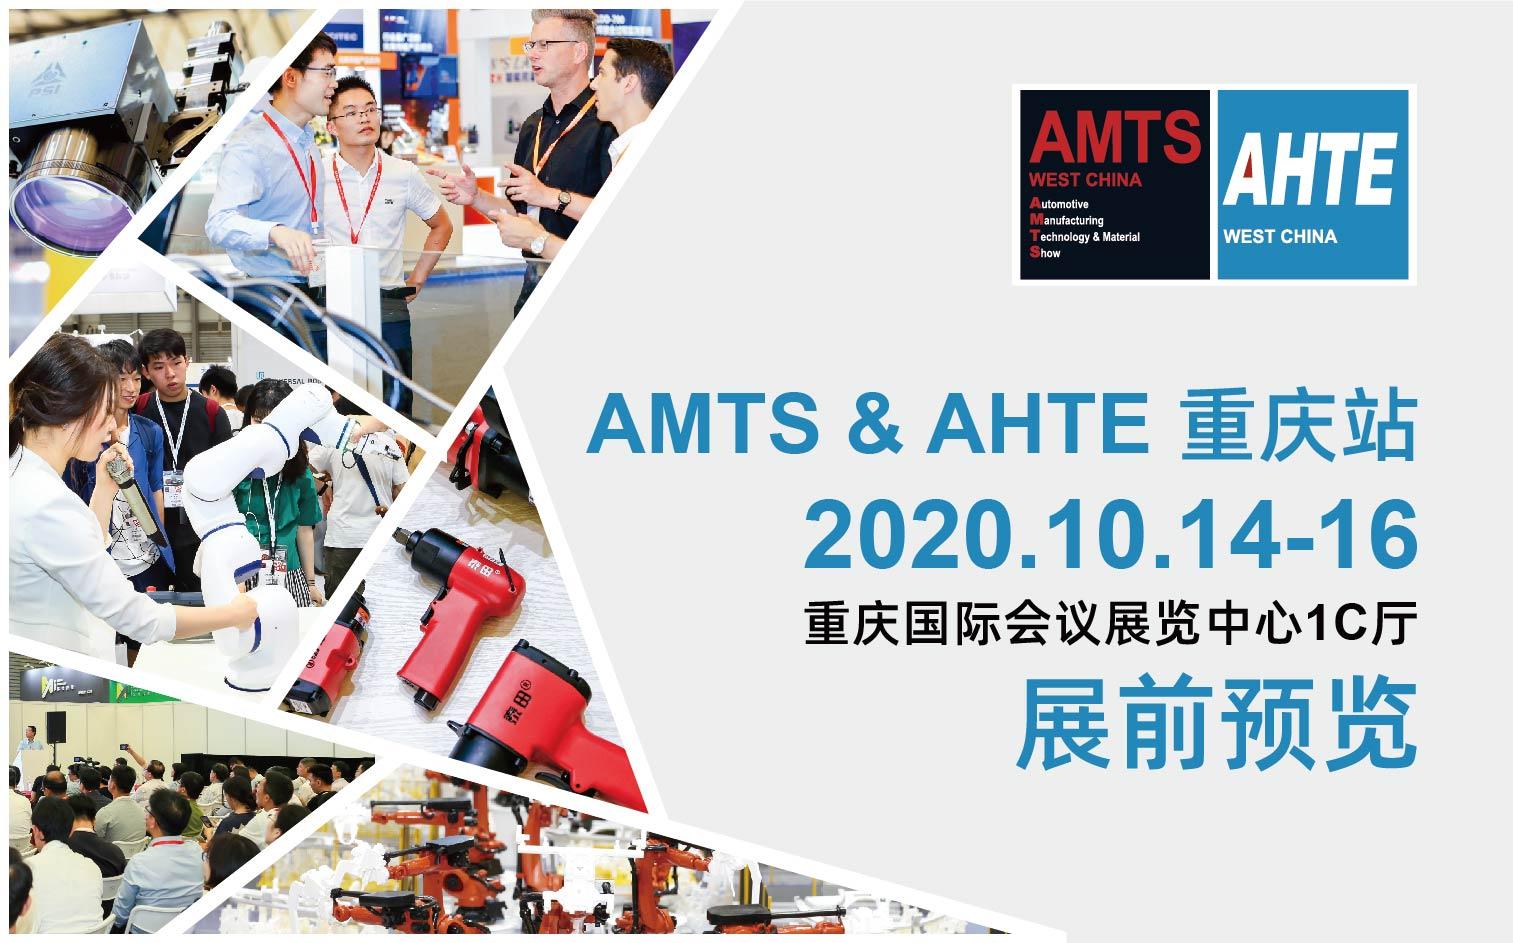 展前预览 | AMTS & AHTE 2020 重庆站